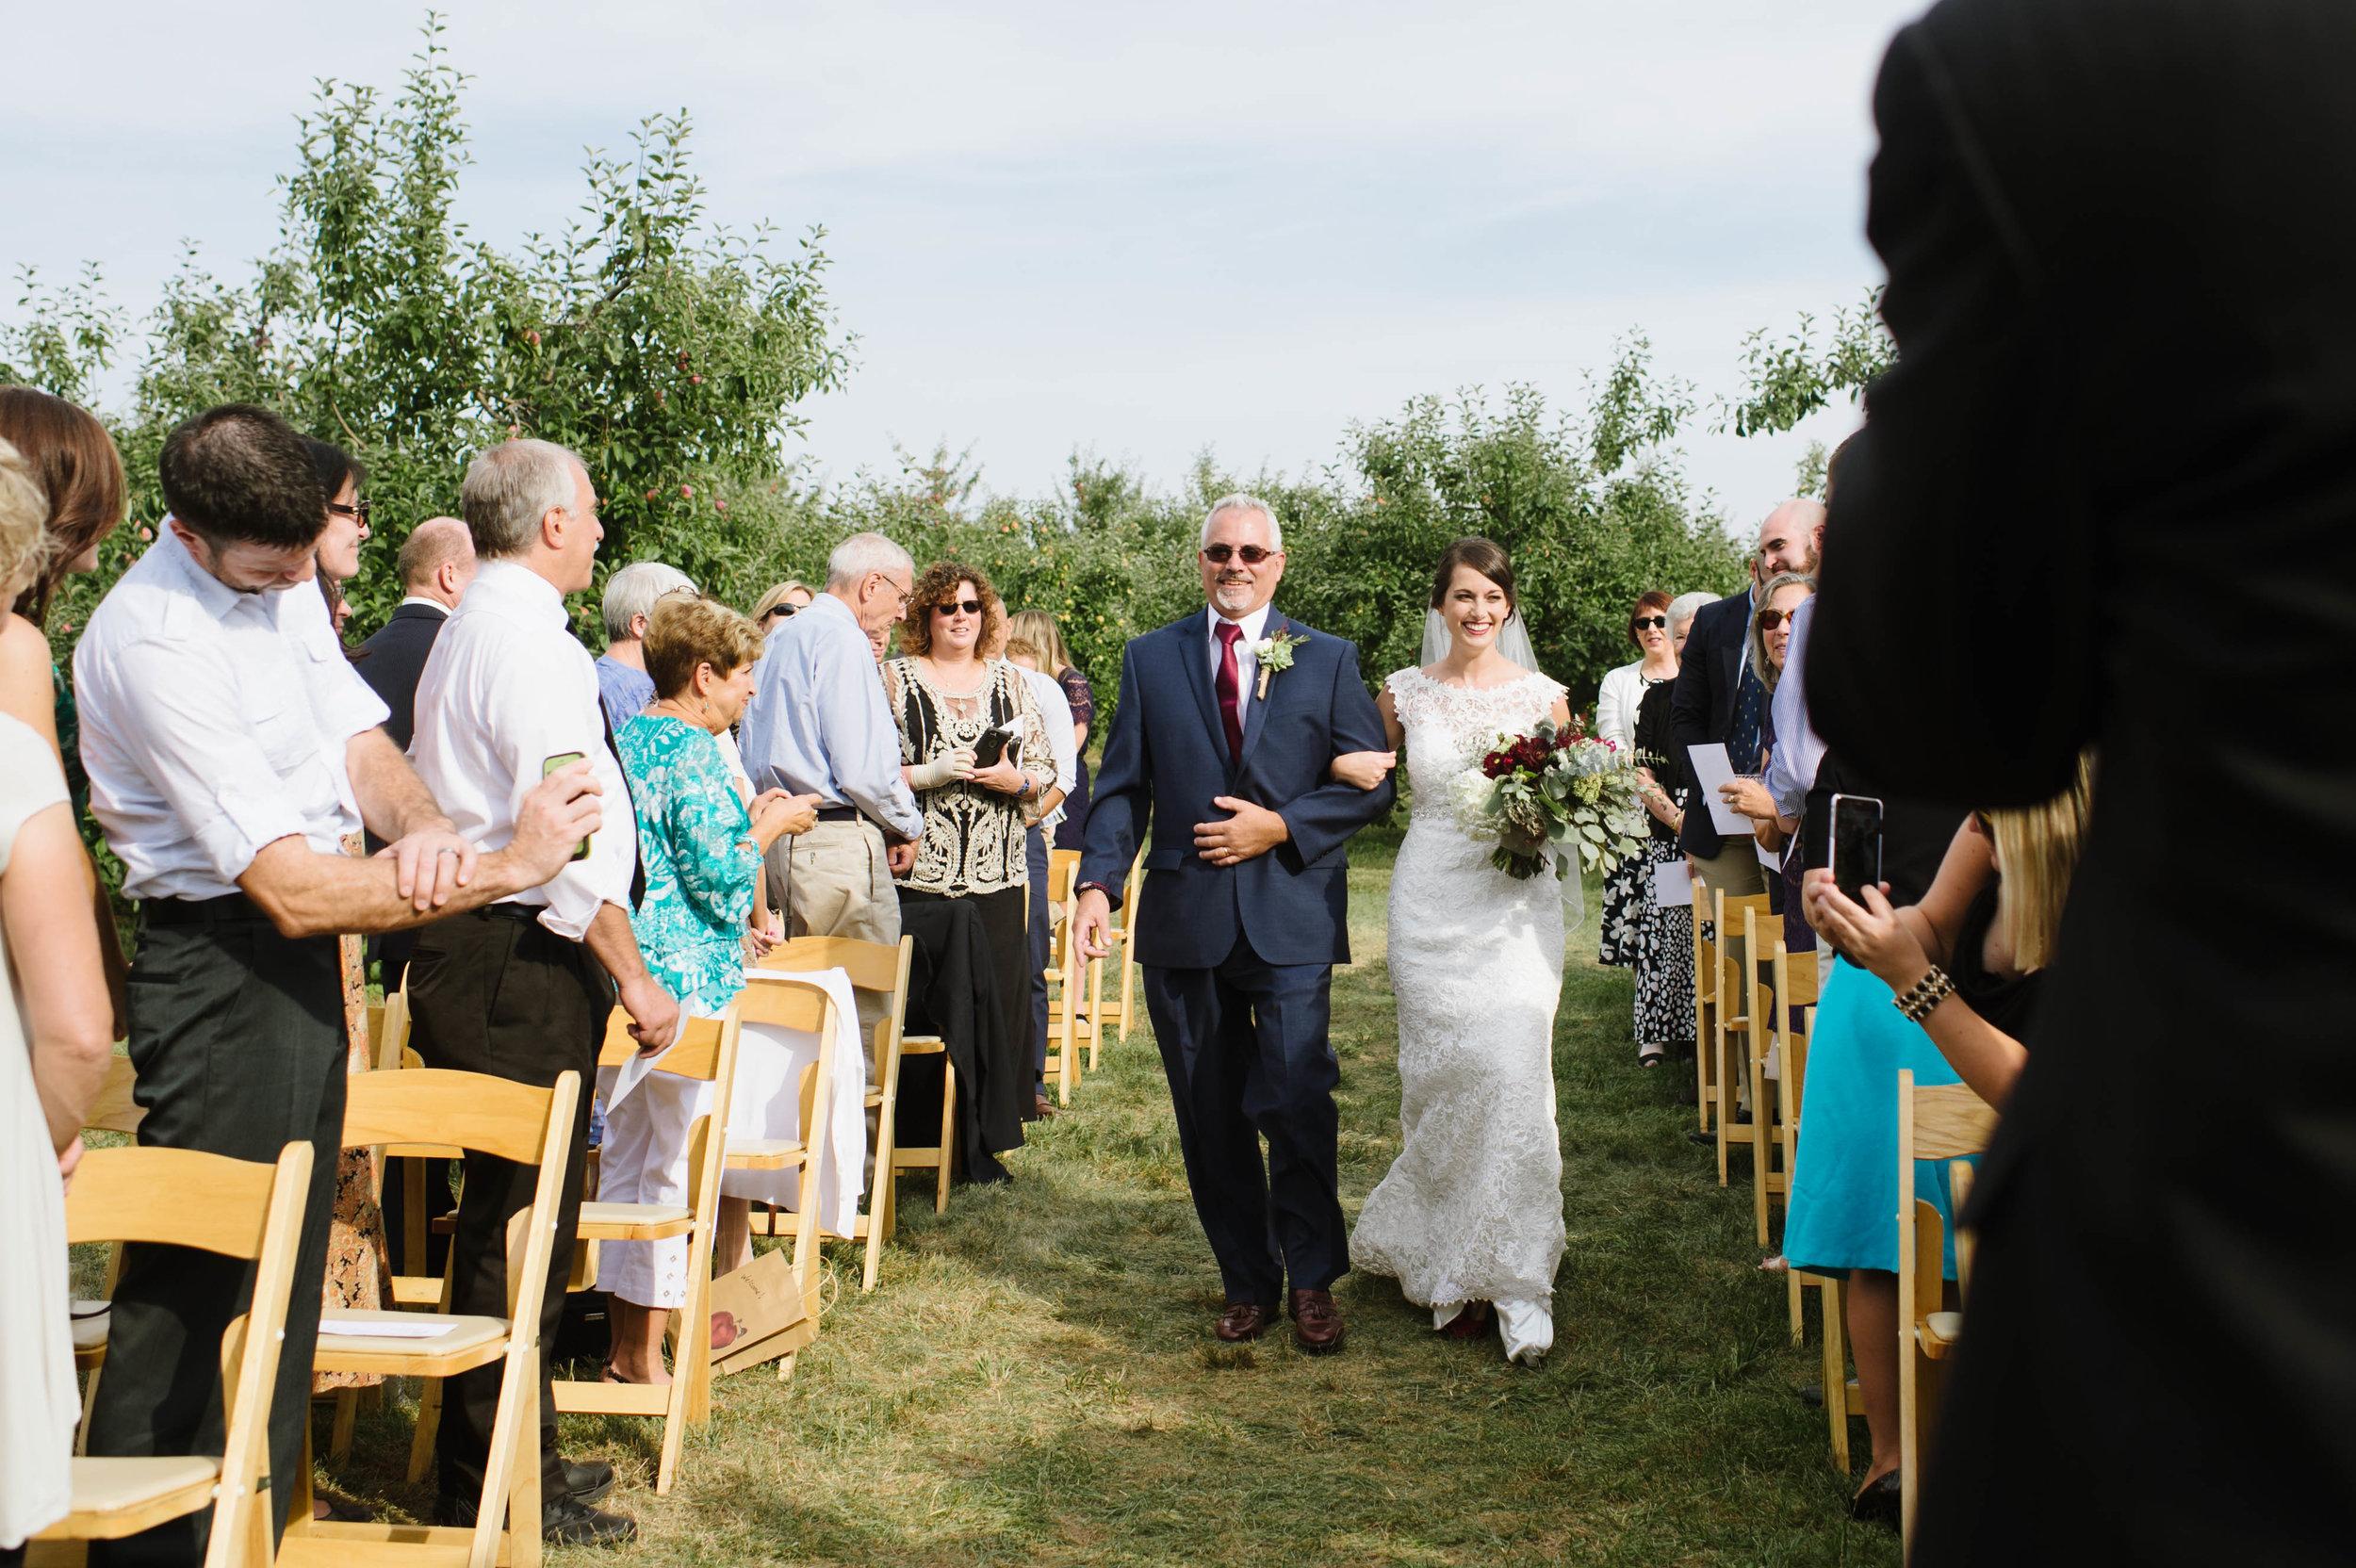 Hidden-Gem-Wedding-Venue-Massachusetts008.jpg